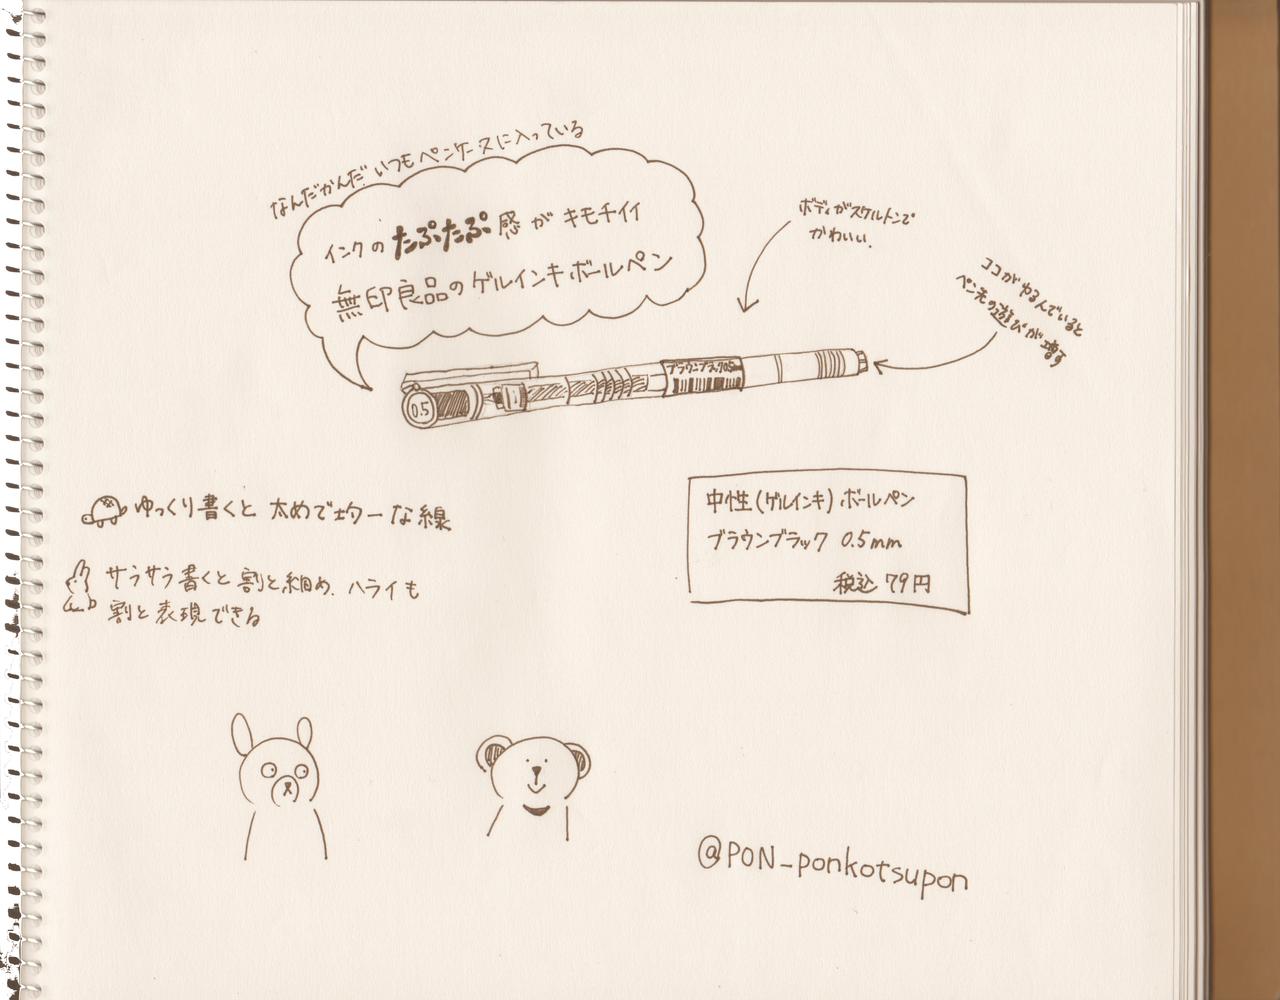 文房具紹介 たぷたぷ感がキモチイイ無印のボールペン ぽん 筆圧の弱い会社員 Note